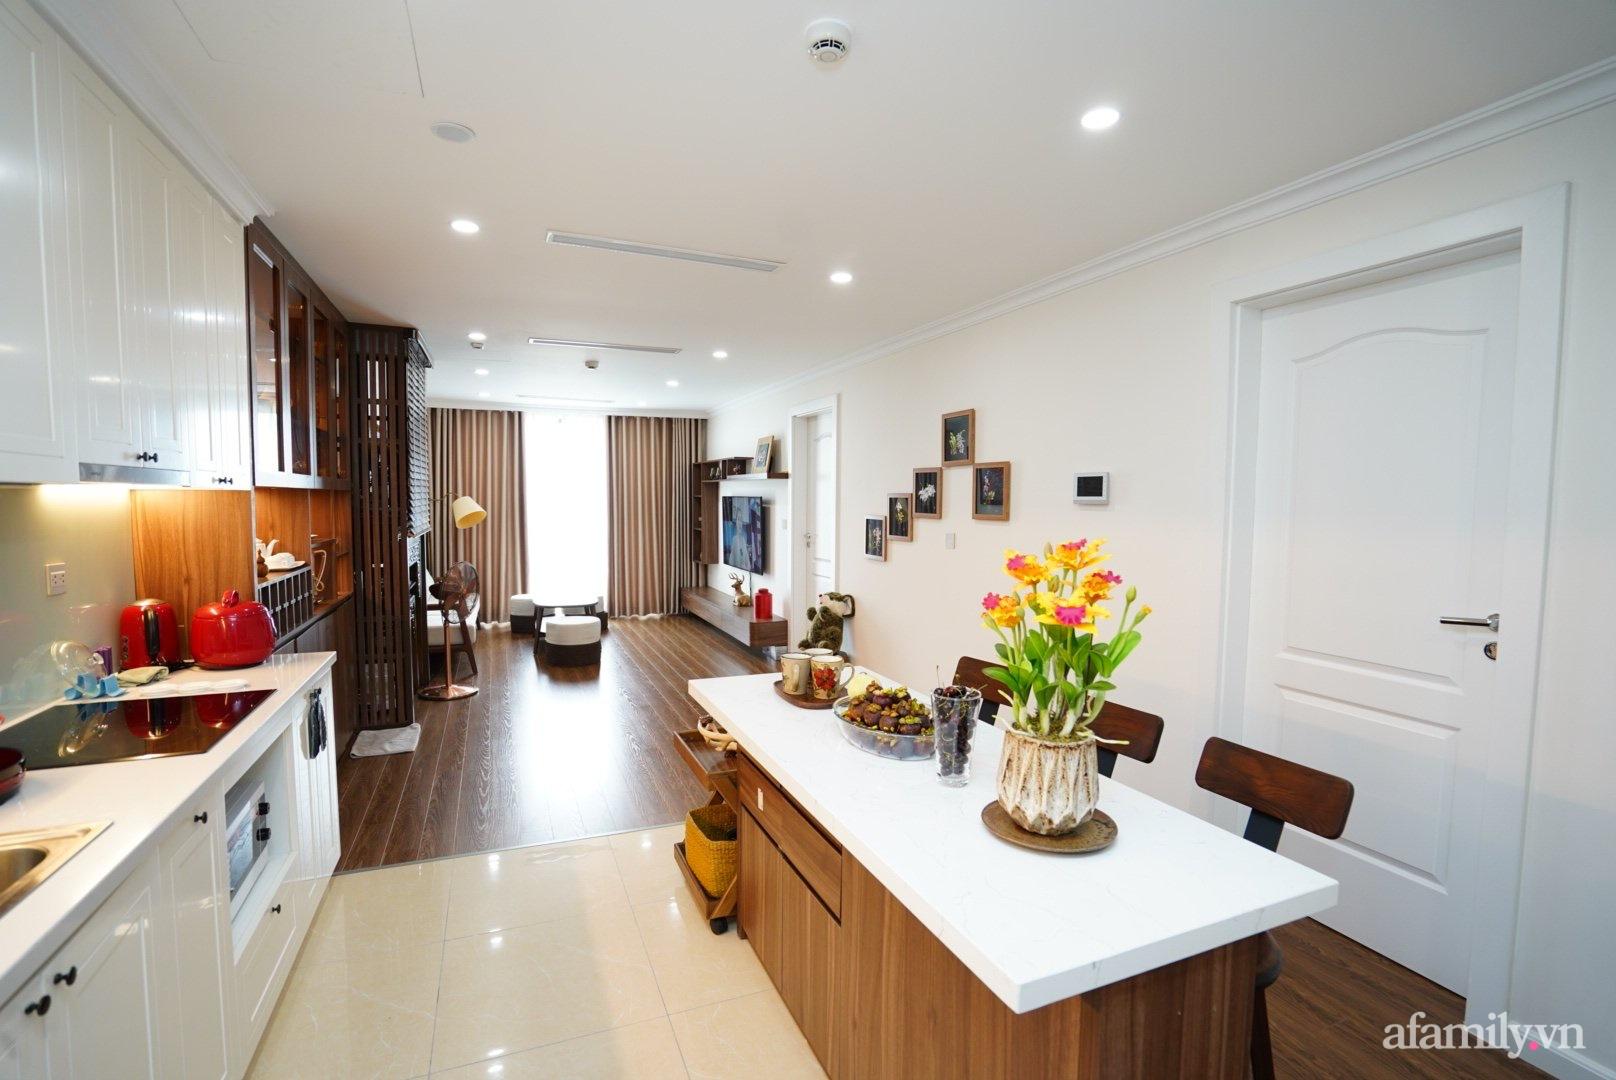 Căn hộ 107m2 đẹp sang trọng với nội thất màu gỗ óc chó có chi phí hoàn thiện 150 triệu đồng ở Hà Nội - Ảnh 5.